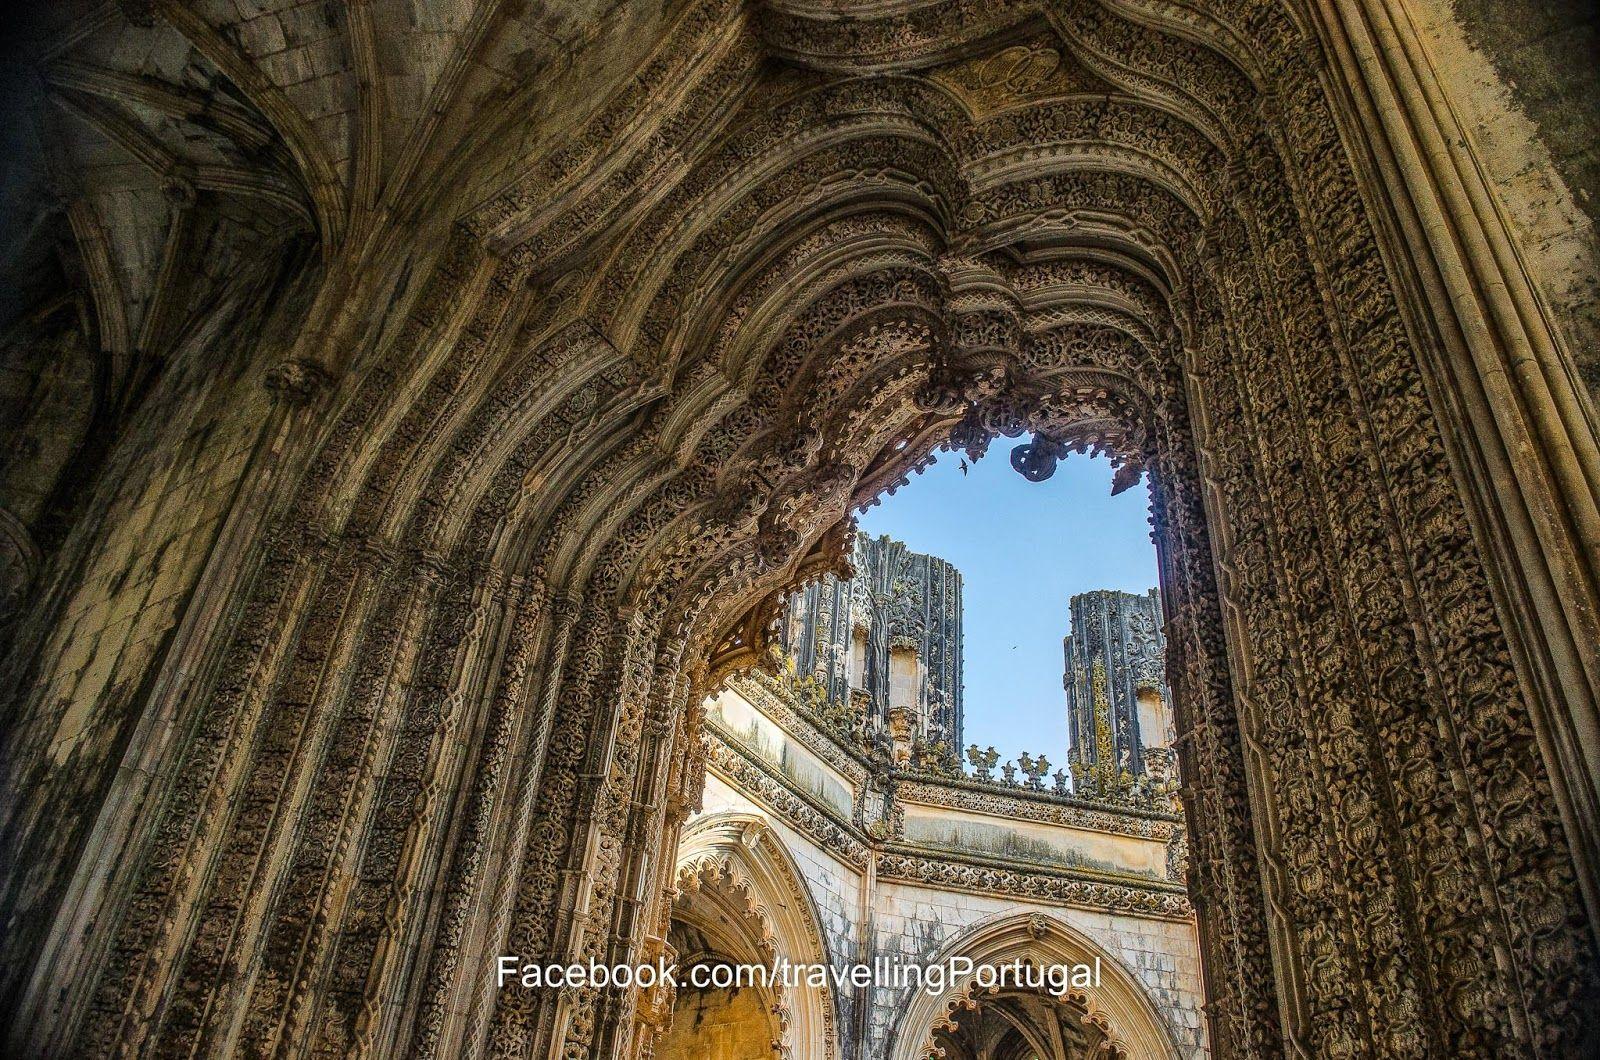 Capelas Imperfeitas, Mosteiro da Batalha